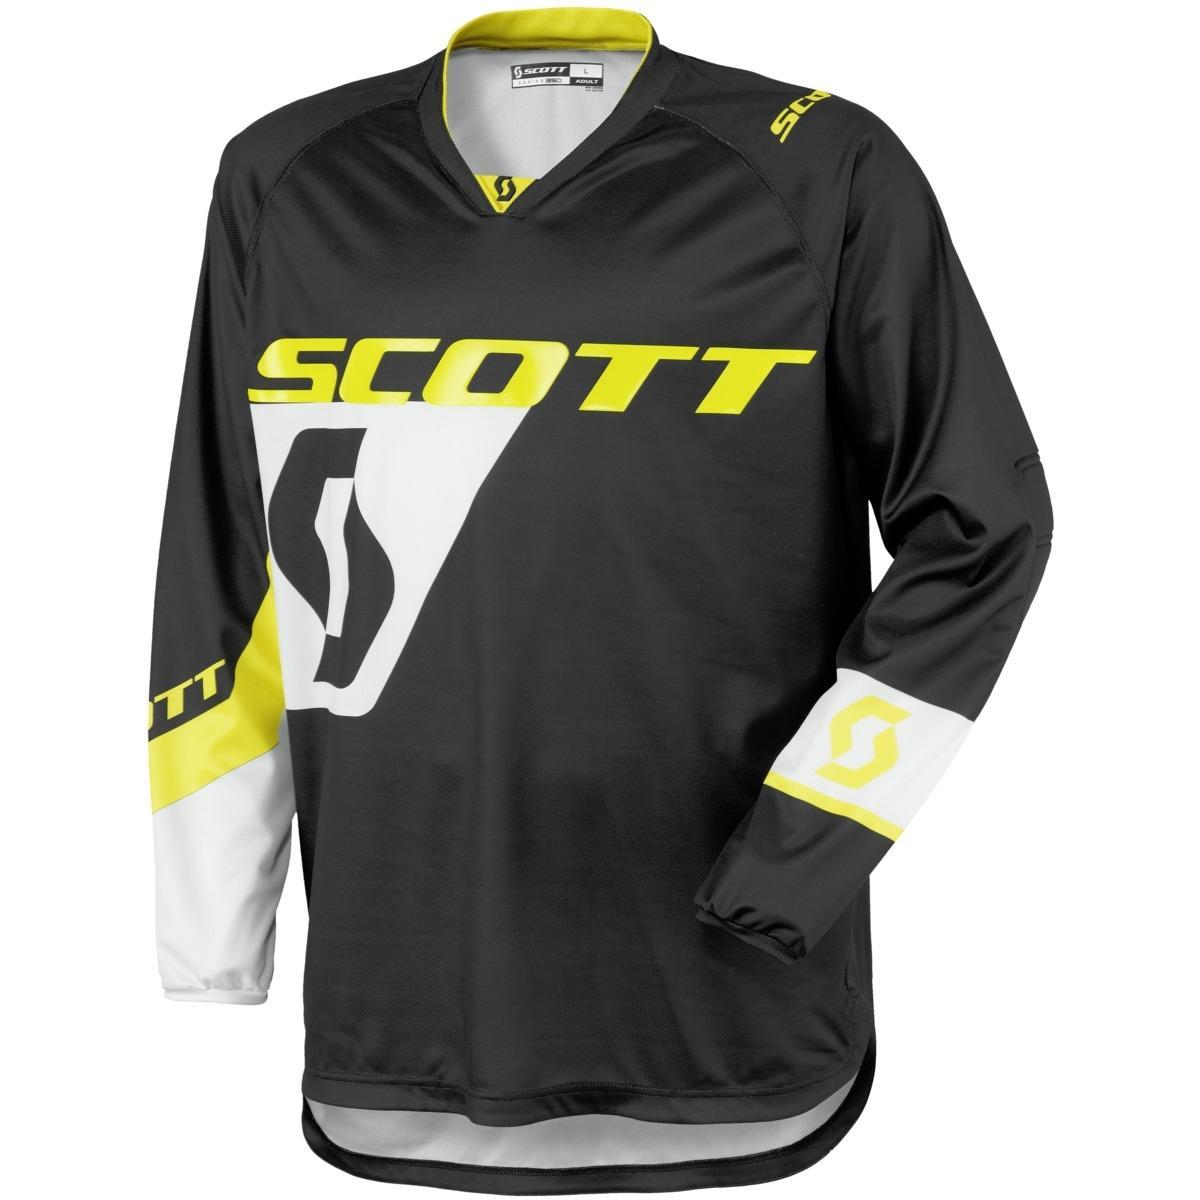 Scott 350 Dirt Trøye - Sort/Gul - L